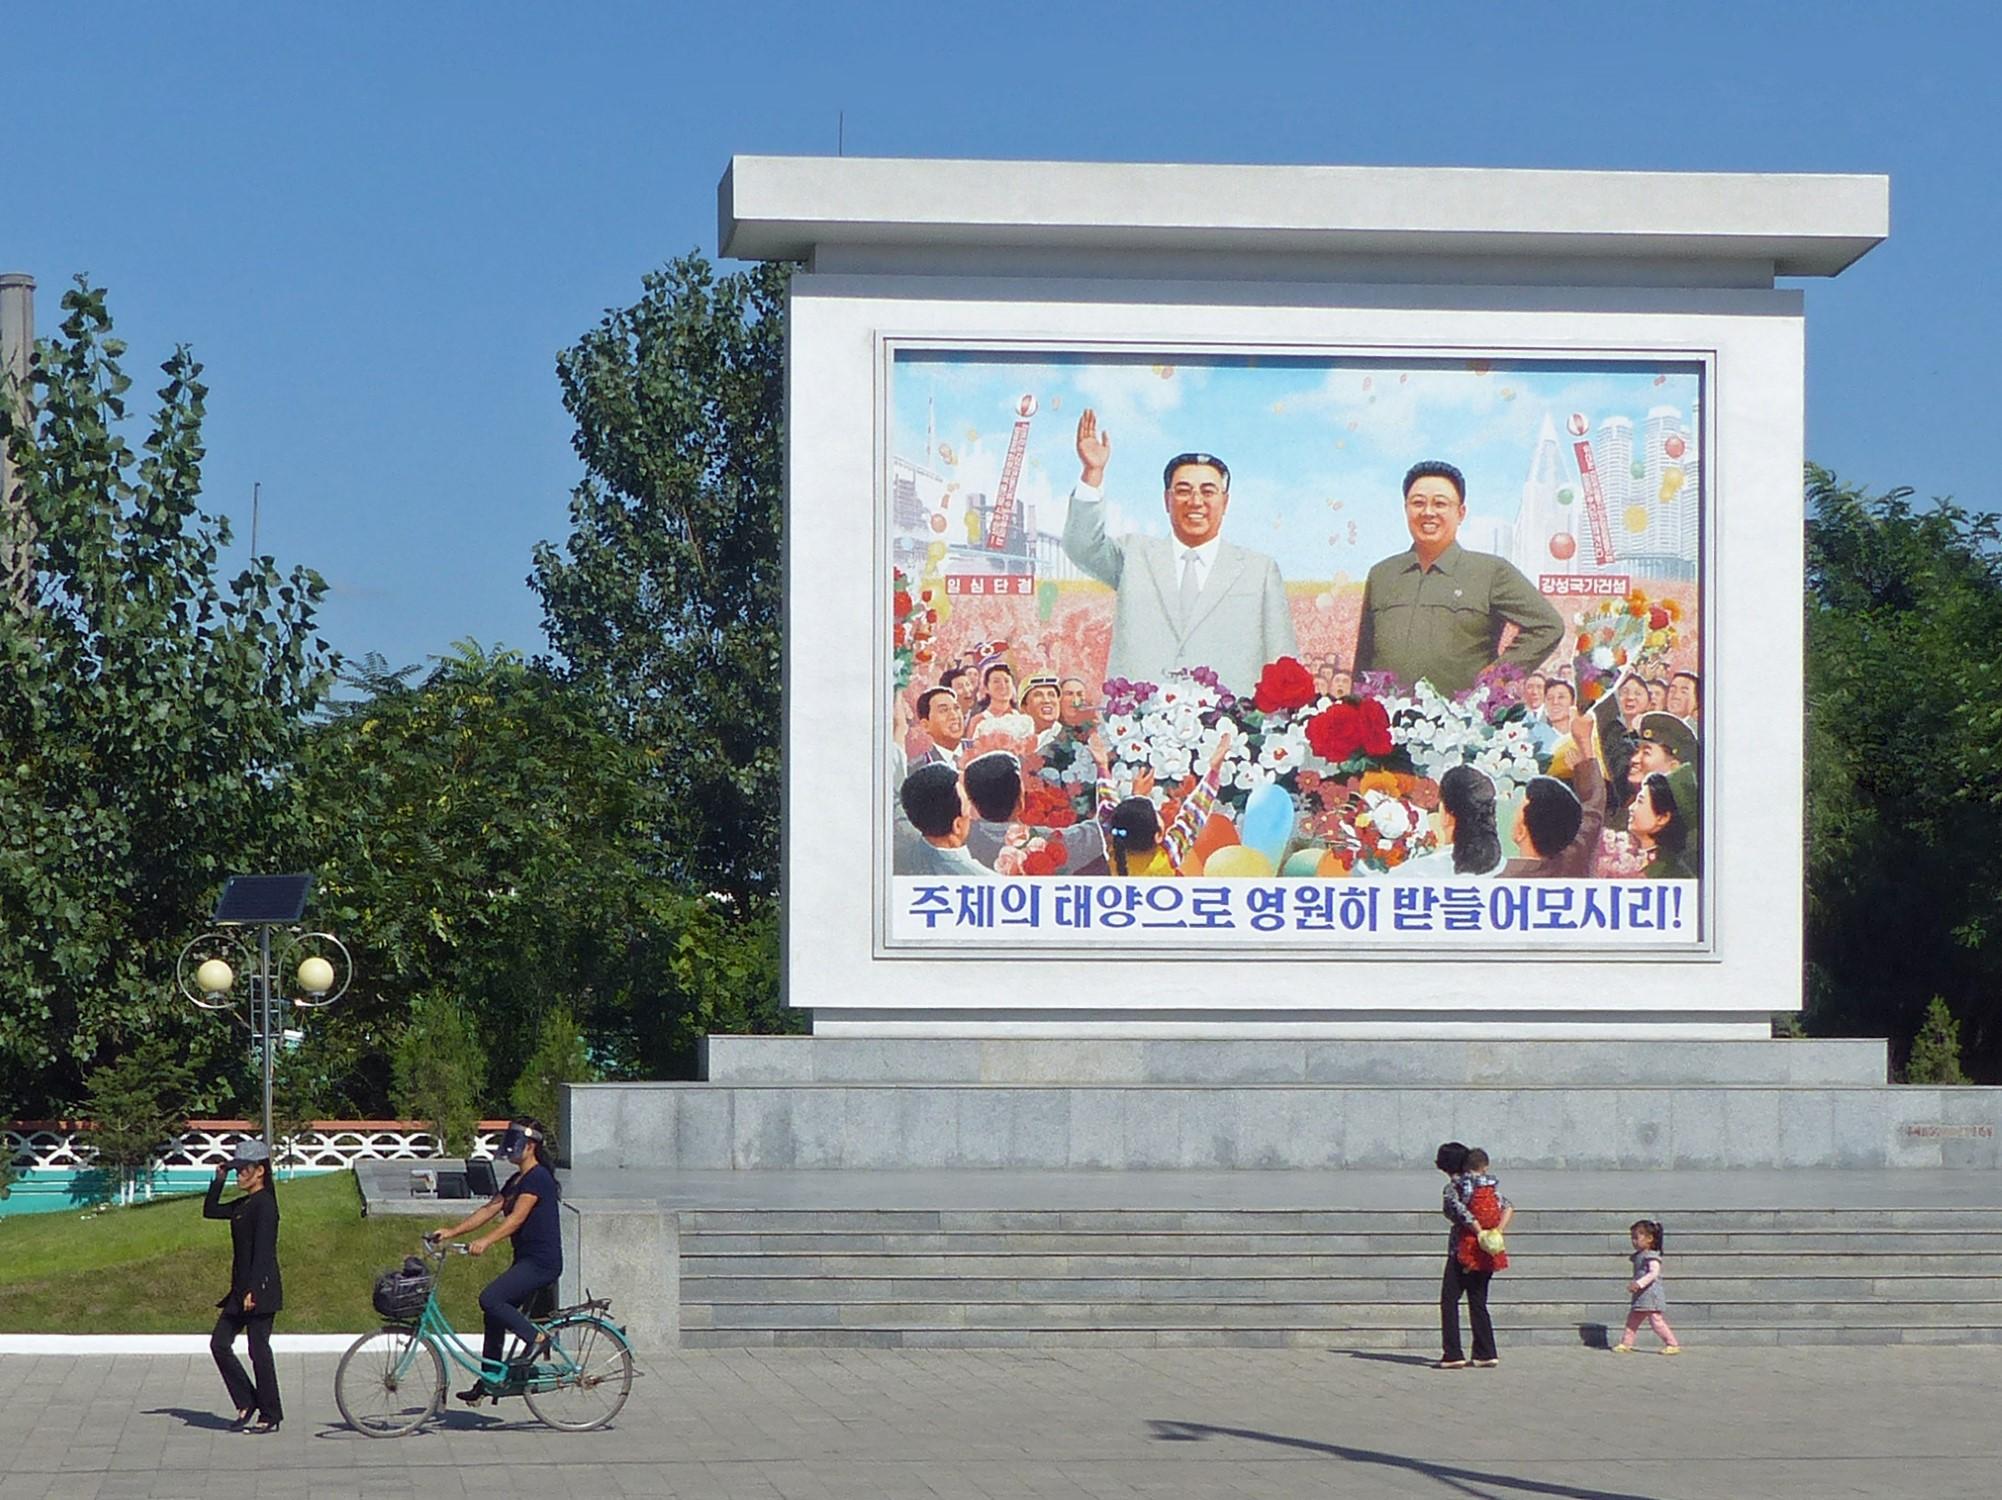 Street scene in North Korea